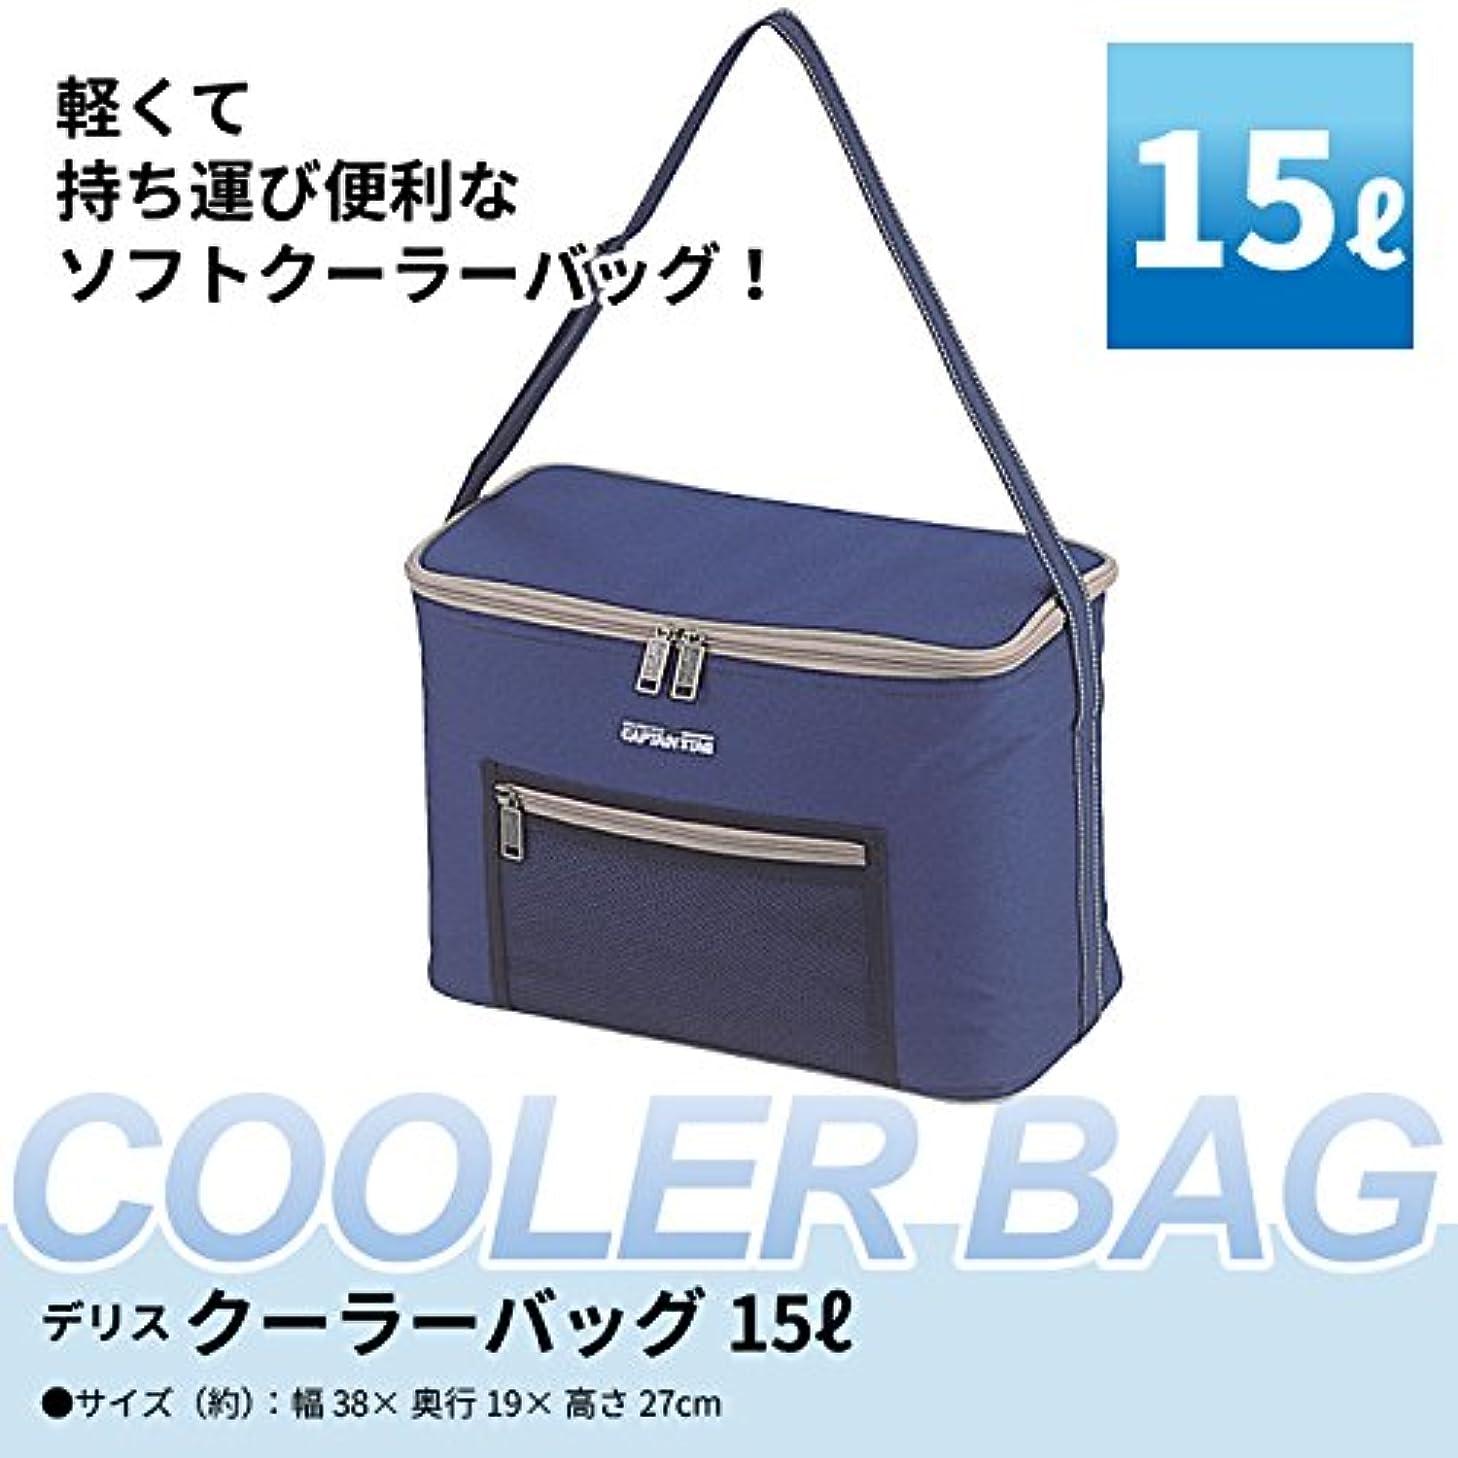 空港振るほとんどの場合クーラーバッグ 15L 保冷バッグ ショルダーベルト クーラーボックス 保冷 冷蔵 クーラーBOX ショッピングバッグ